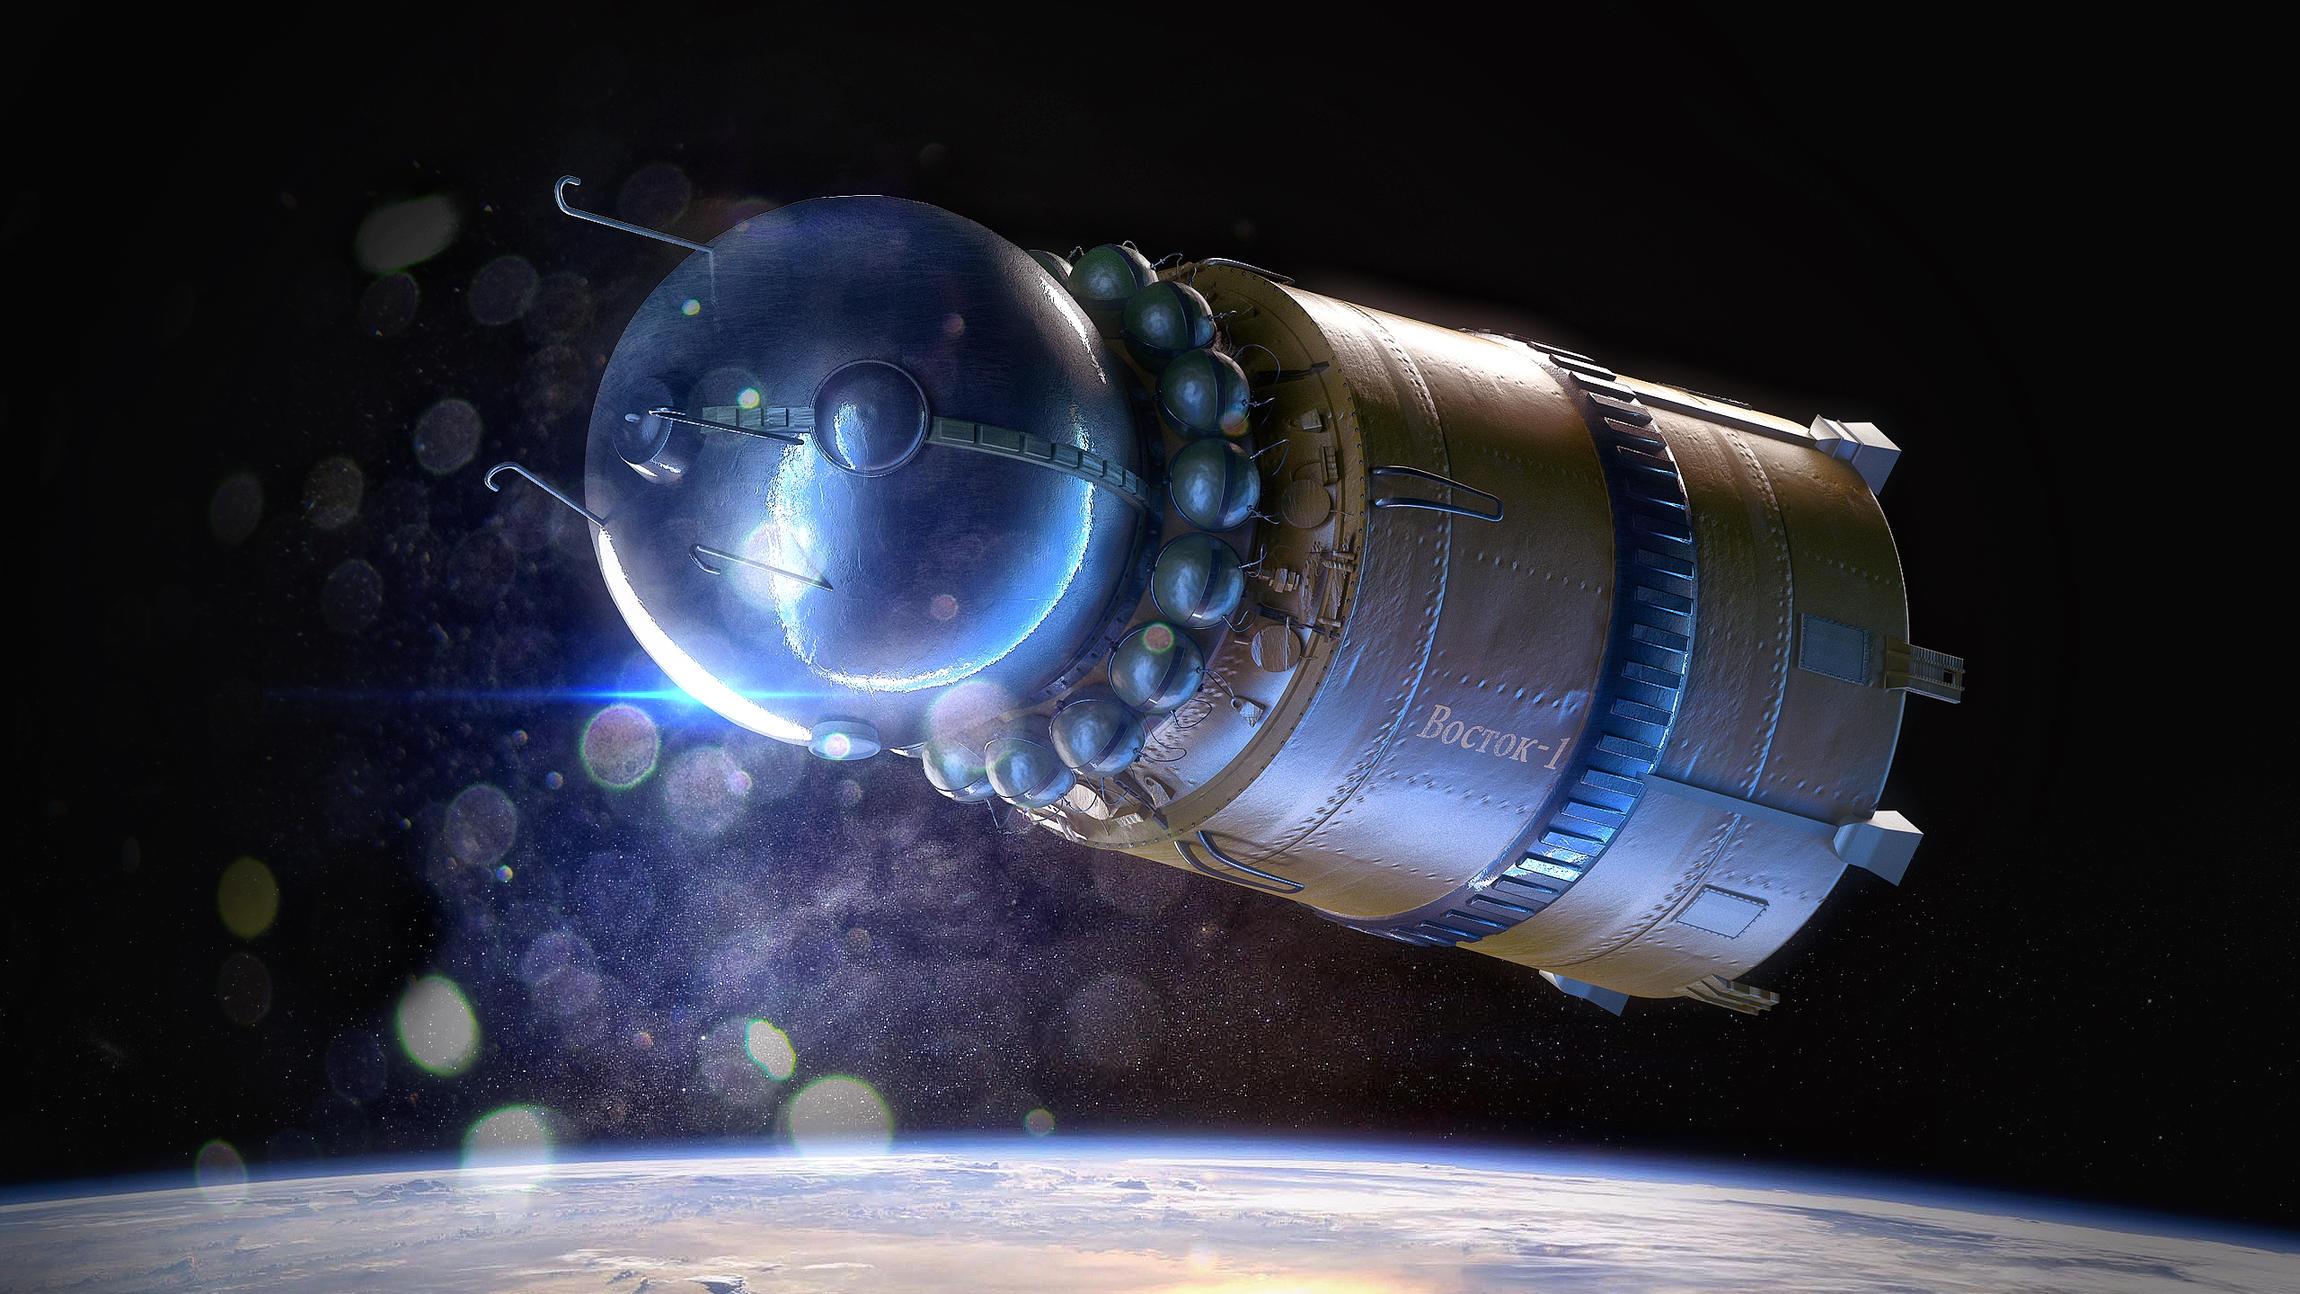 металлическом косоуре фото космического корабля гагарина нехитрый